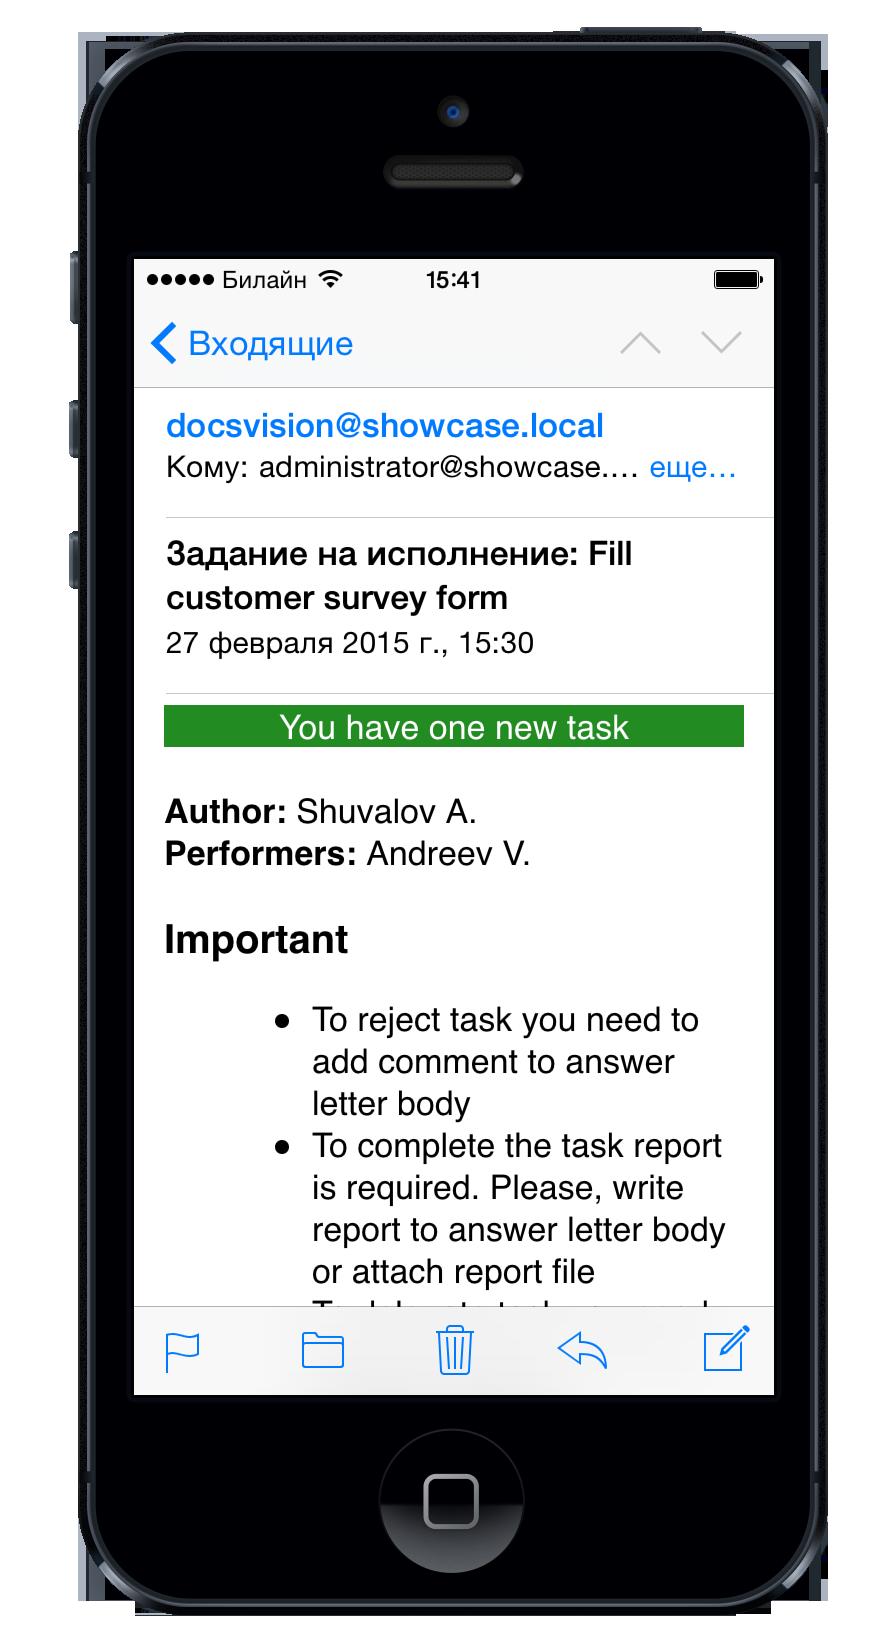 Рисунок 3. Работа с заданием в почтовом клиенте Apple iOS на iPhone